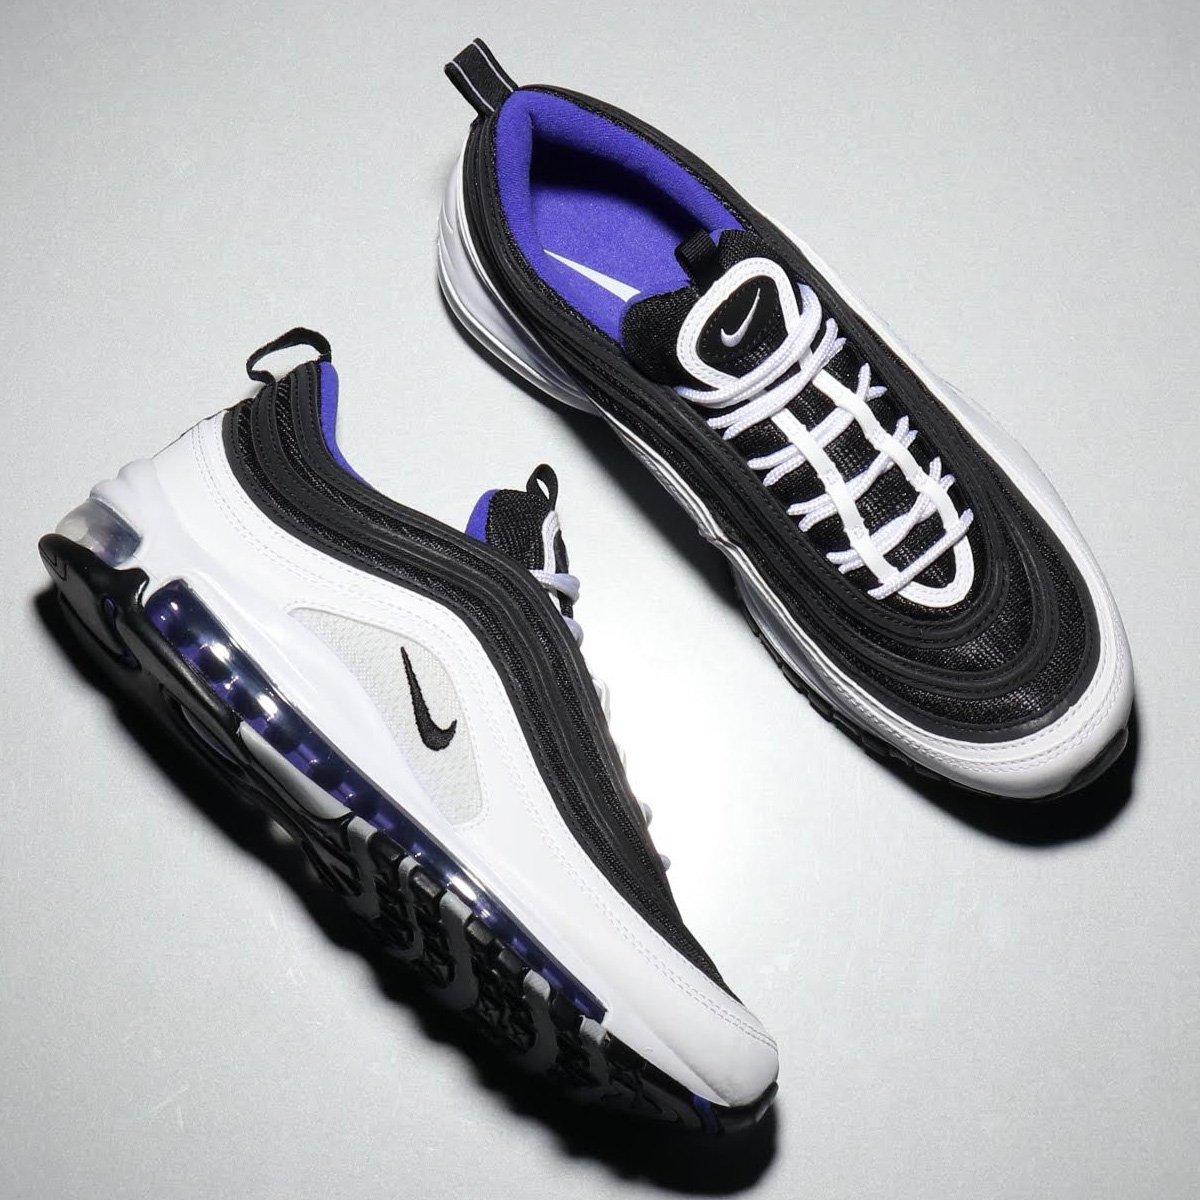 11817e6dd0fdd Sneaker Shouts™ on Twitter